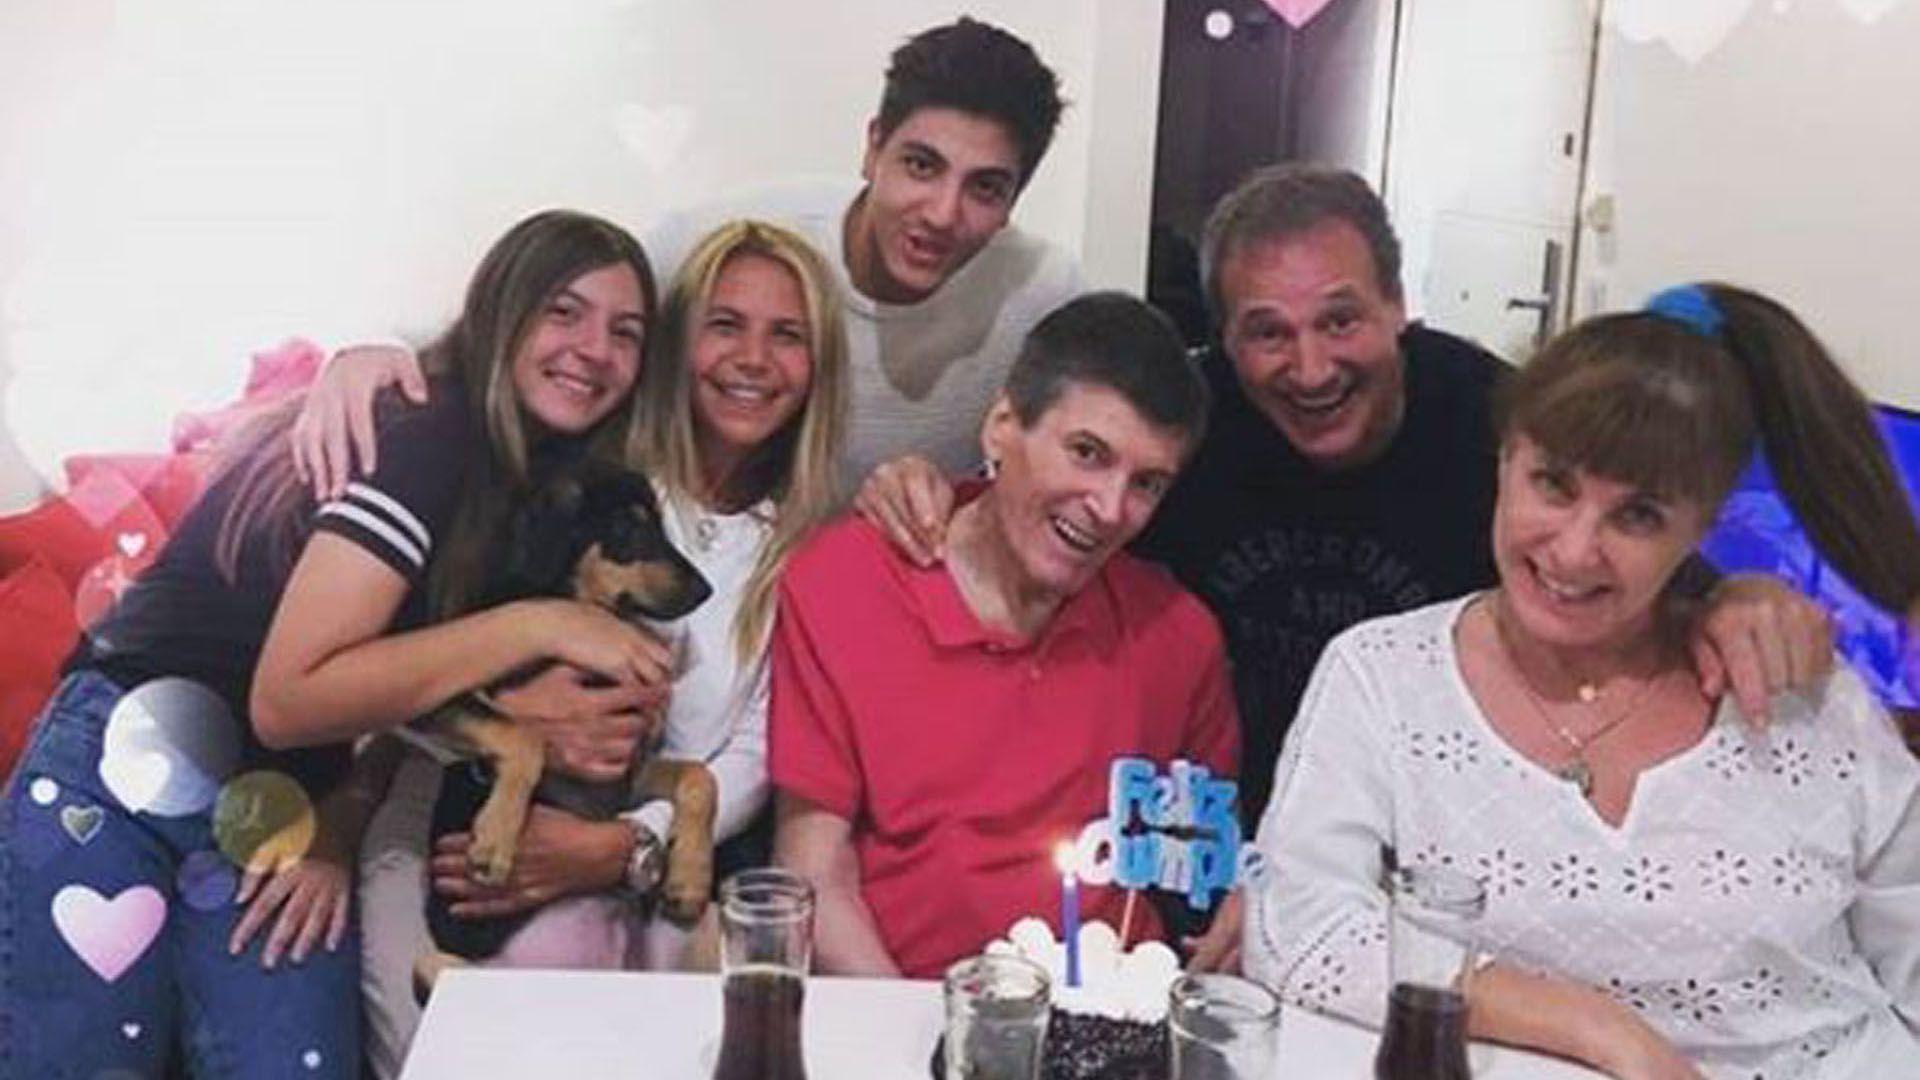 Carlín Calvo con su familia y amigos en la celebración de un cumpleaños (Foto: Instagram)